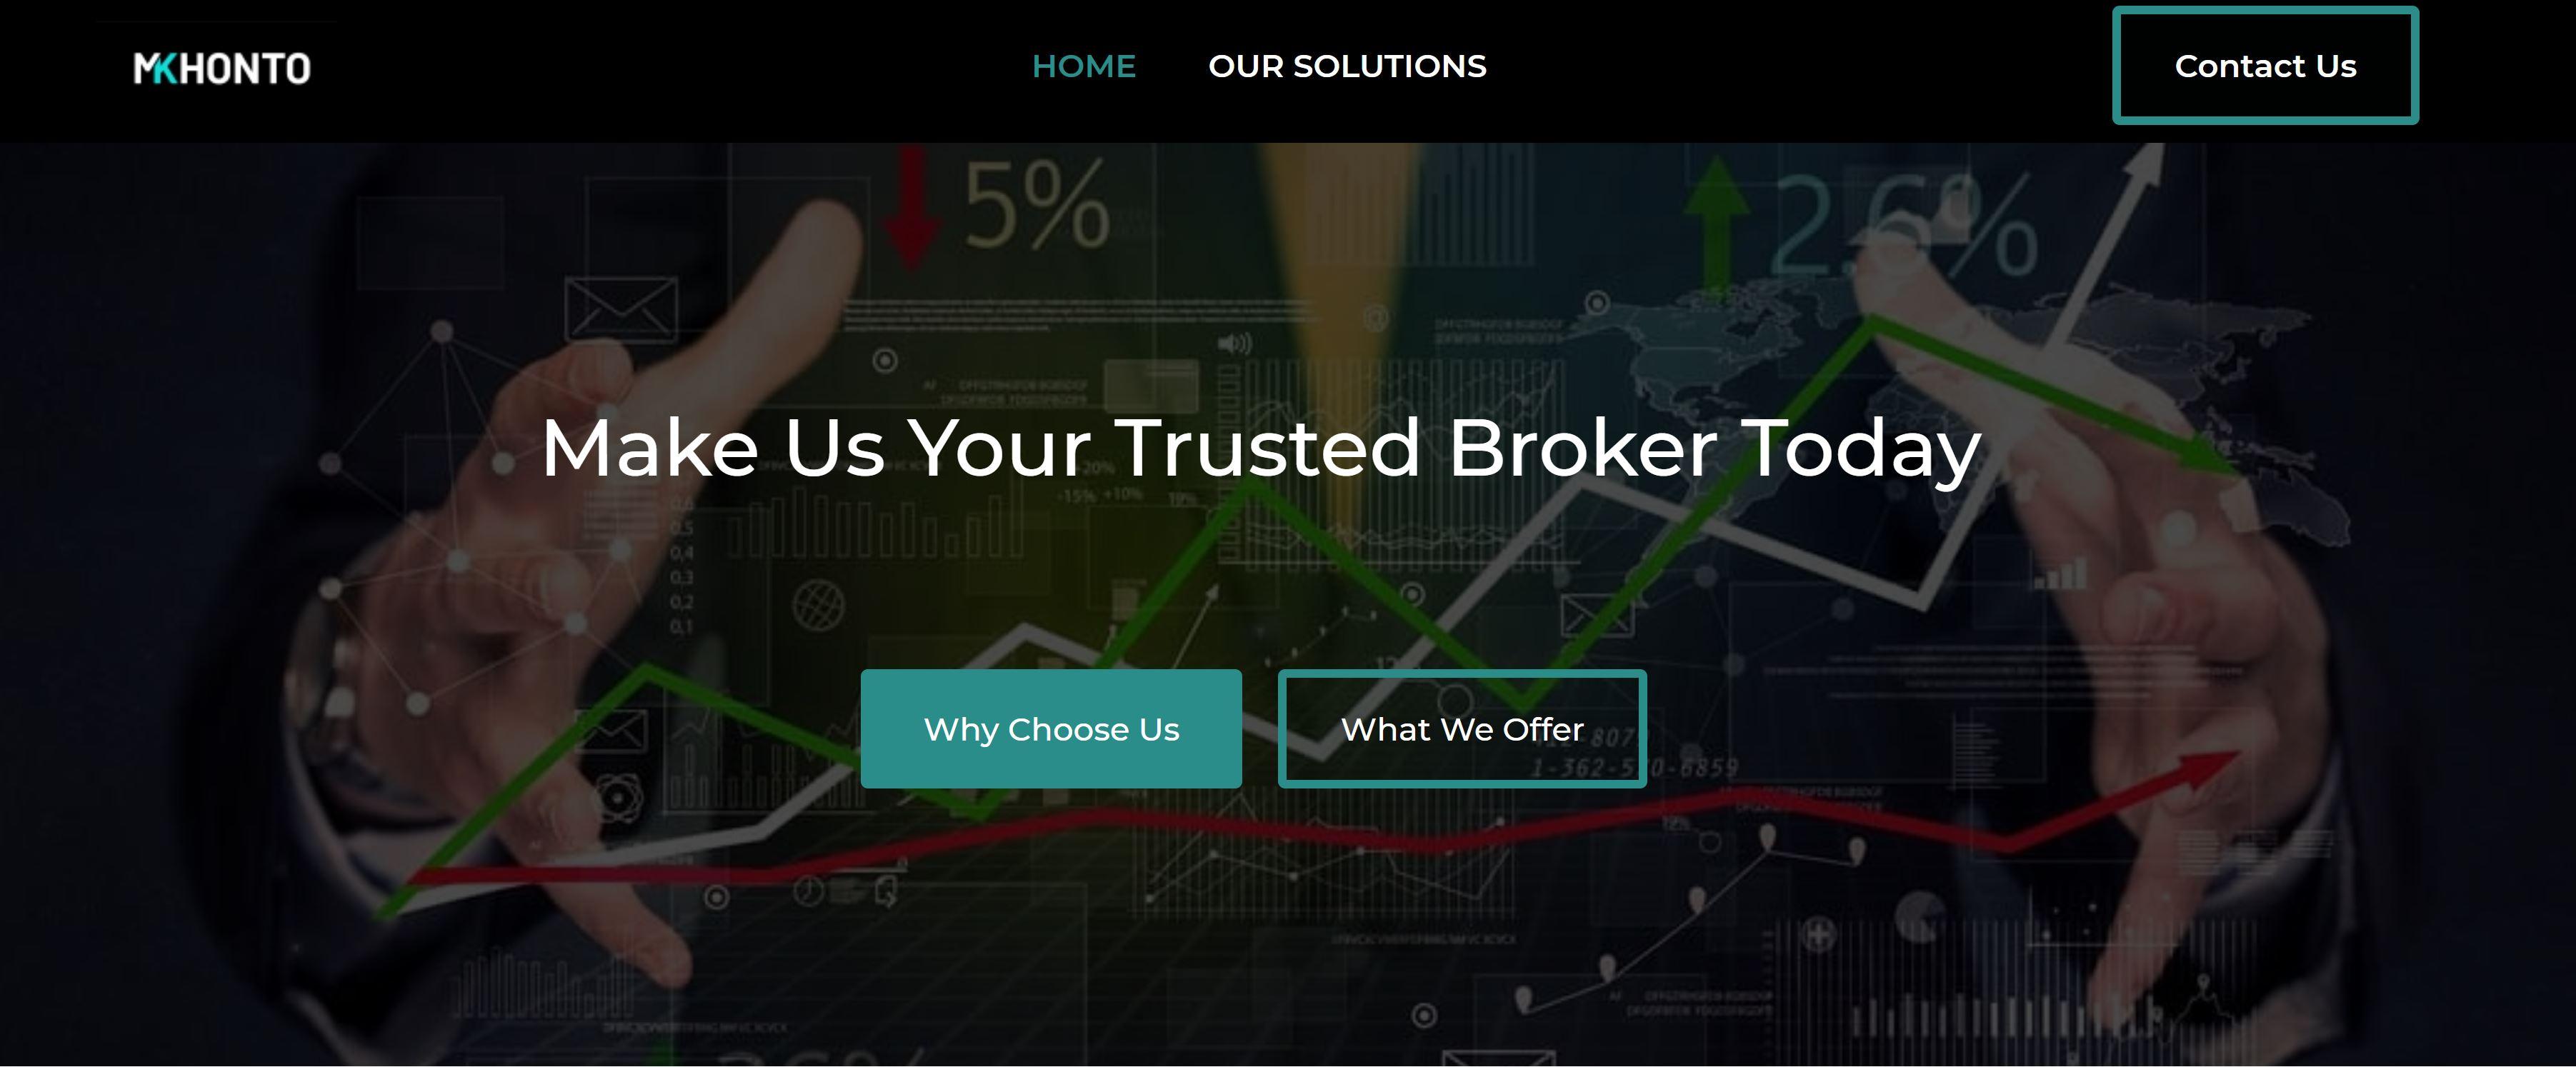 Sitio web de Mkhonto Financial